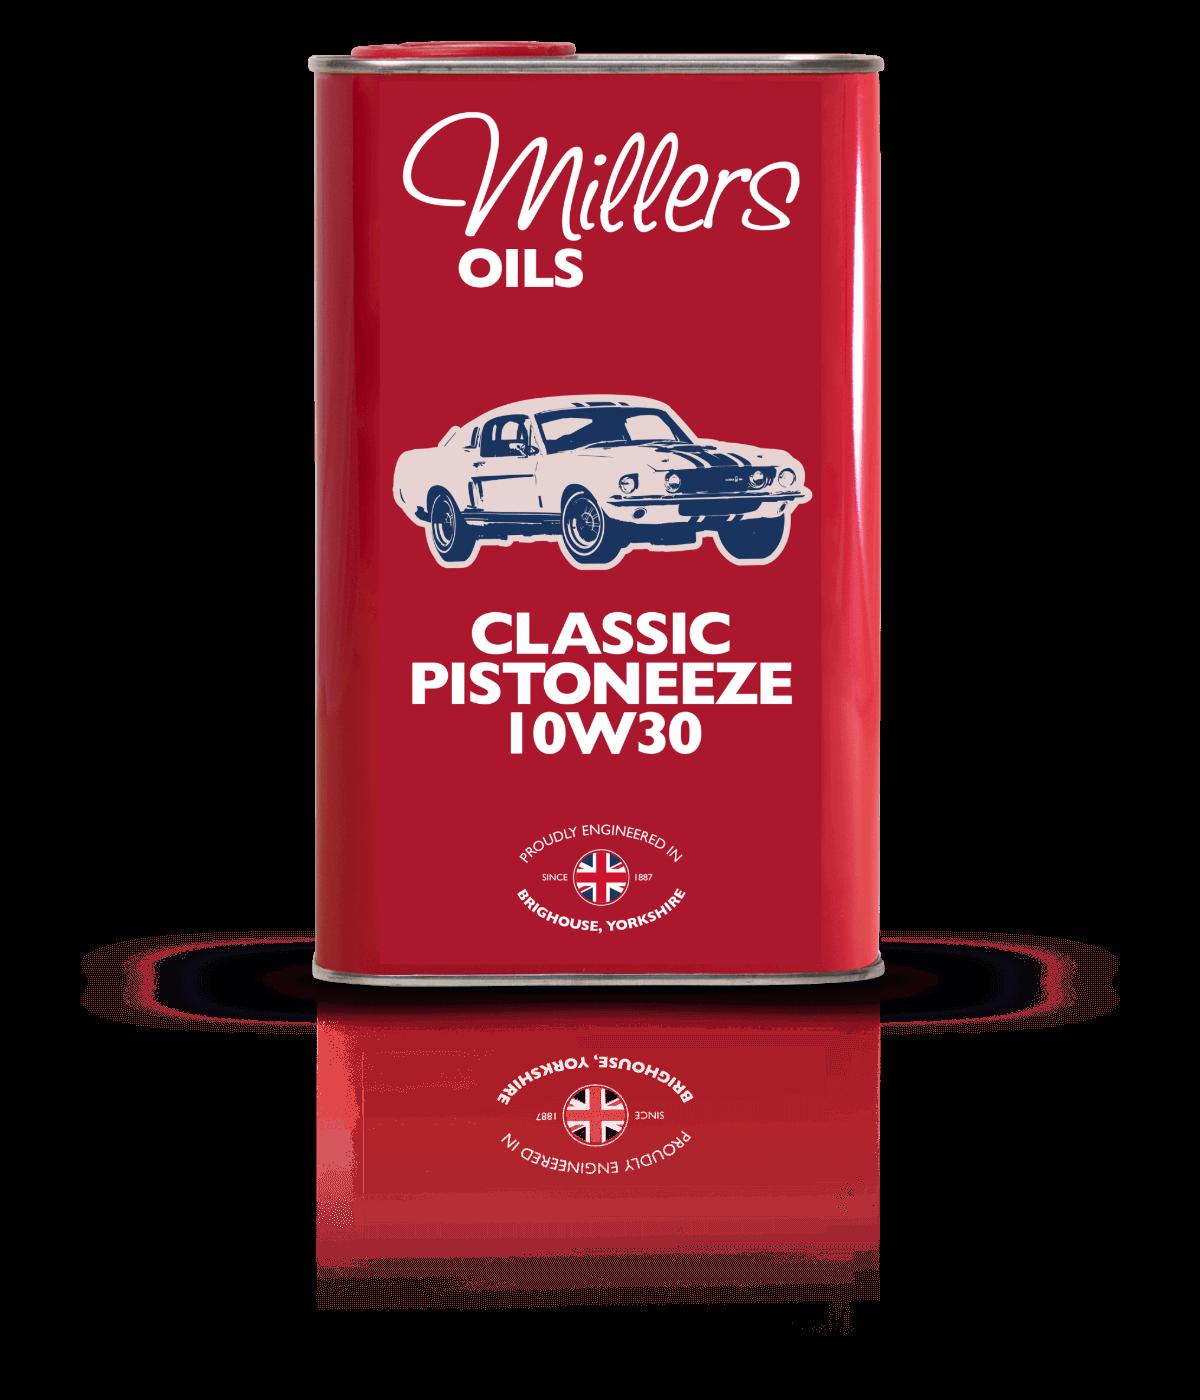 P16113 Classic Pistoneeze 10w30